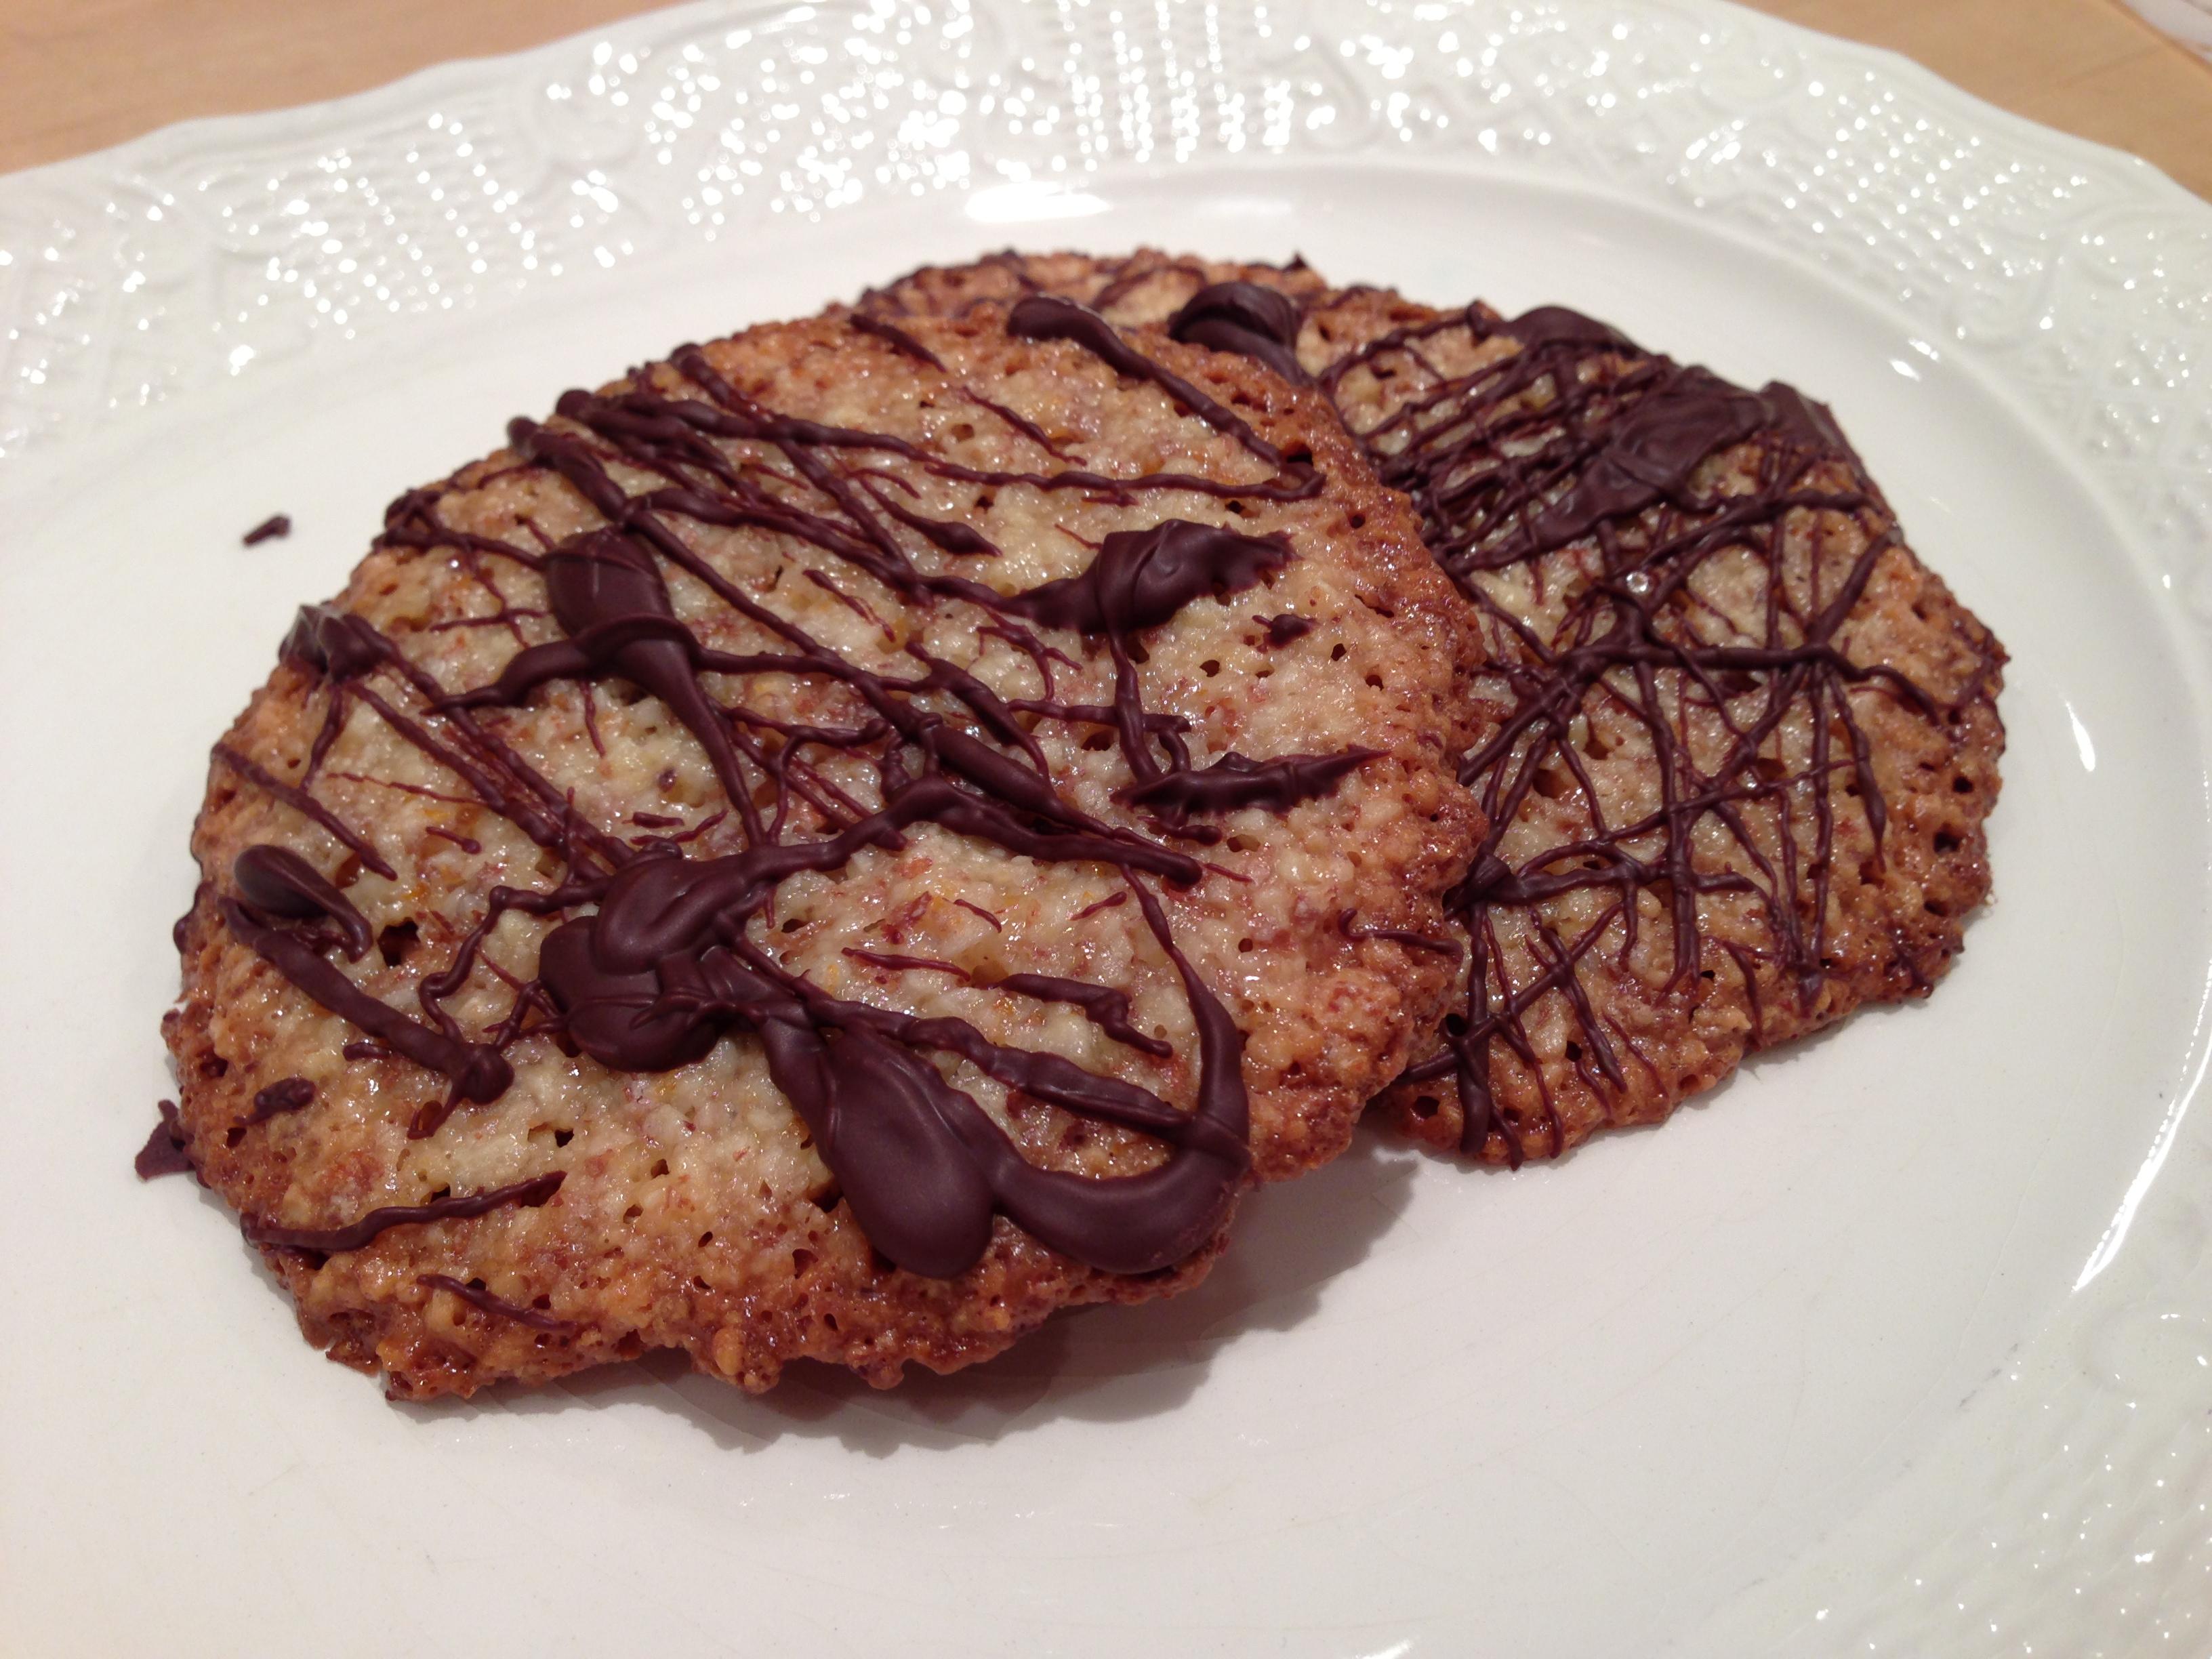 Best florentine cookies recipe